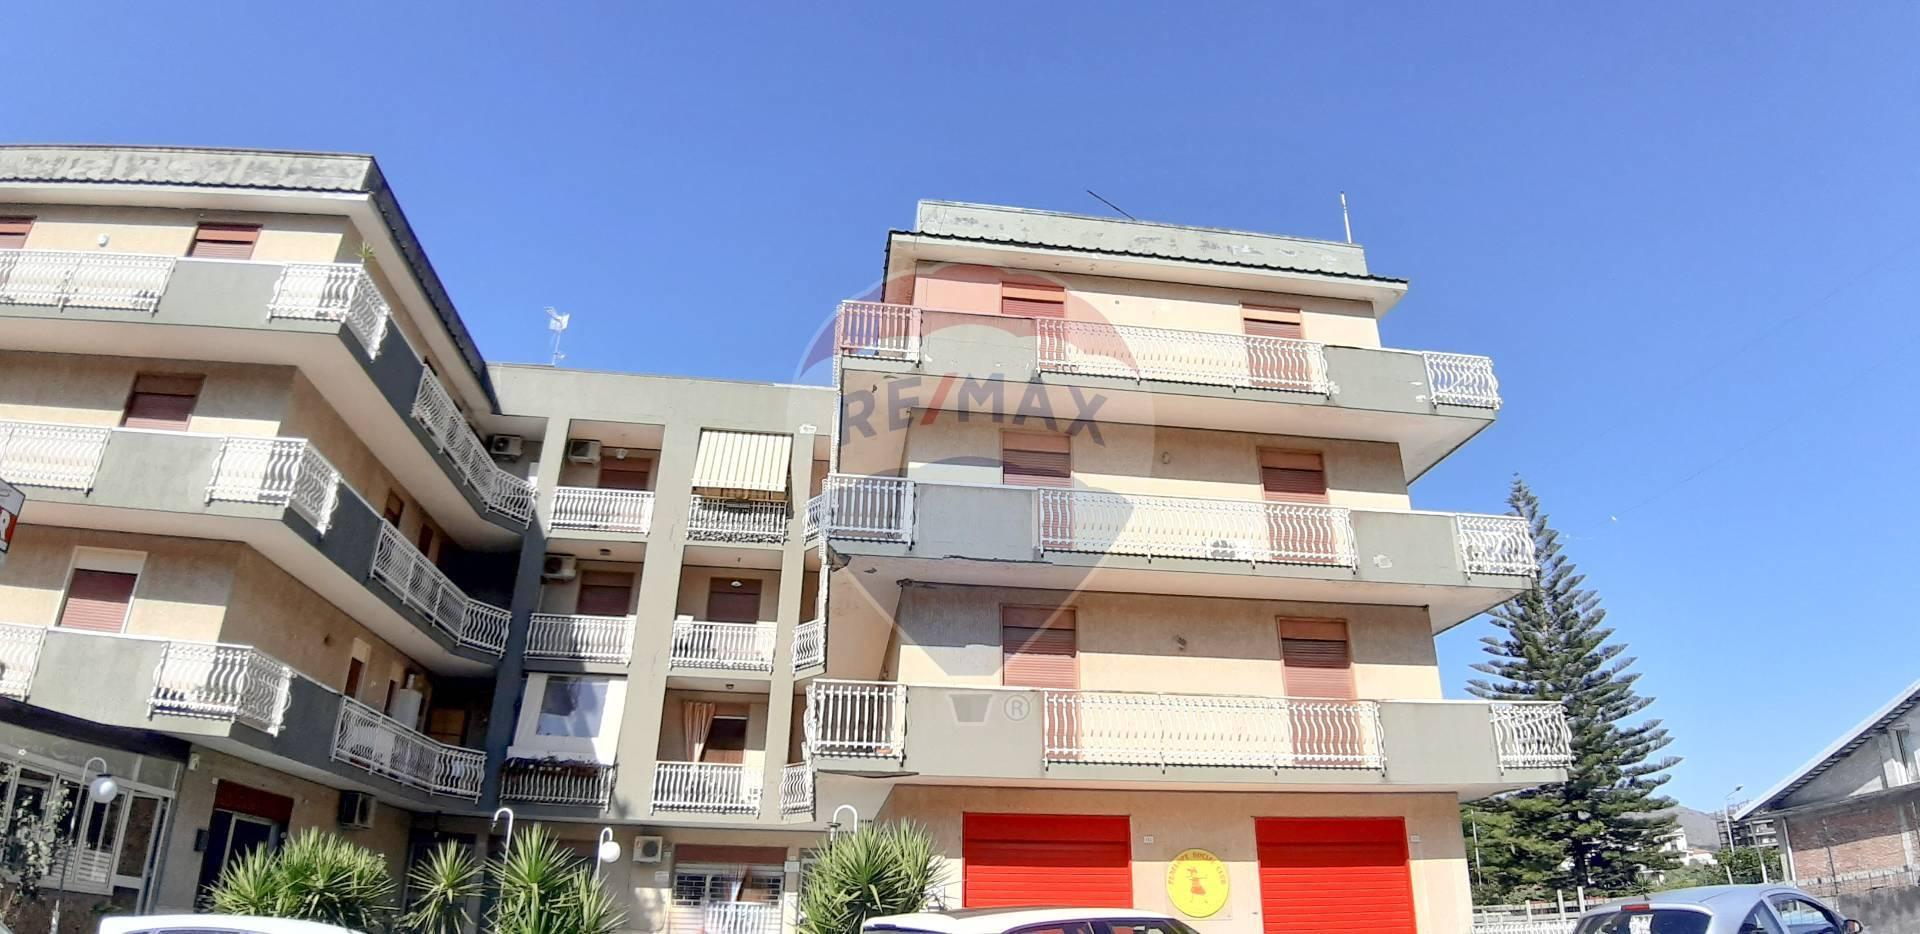 Appartamento in vendita a Gaggi, 5 locali, prezzo € 53.000 | CambioCasa.it